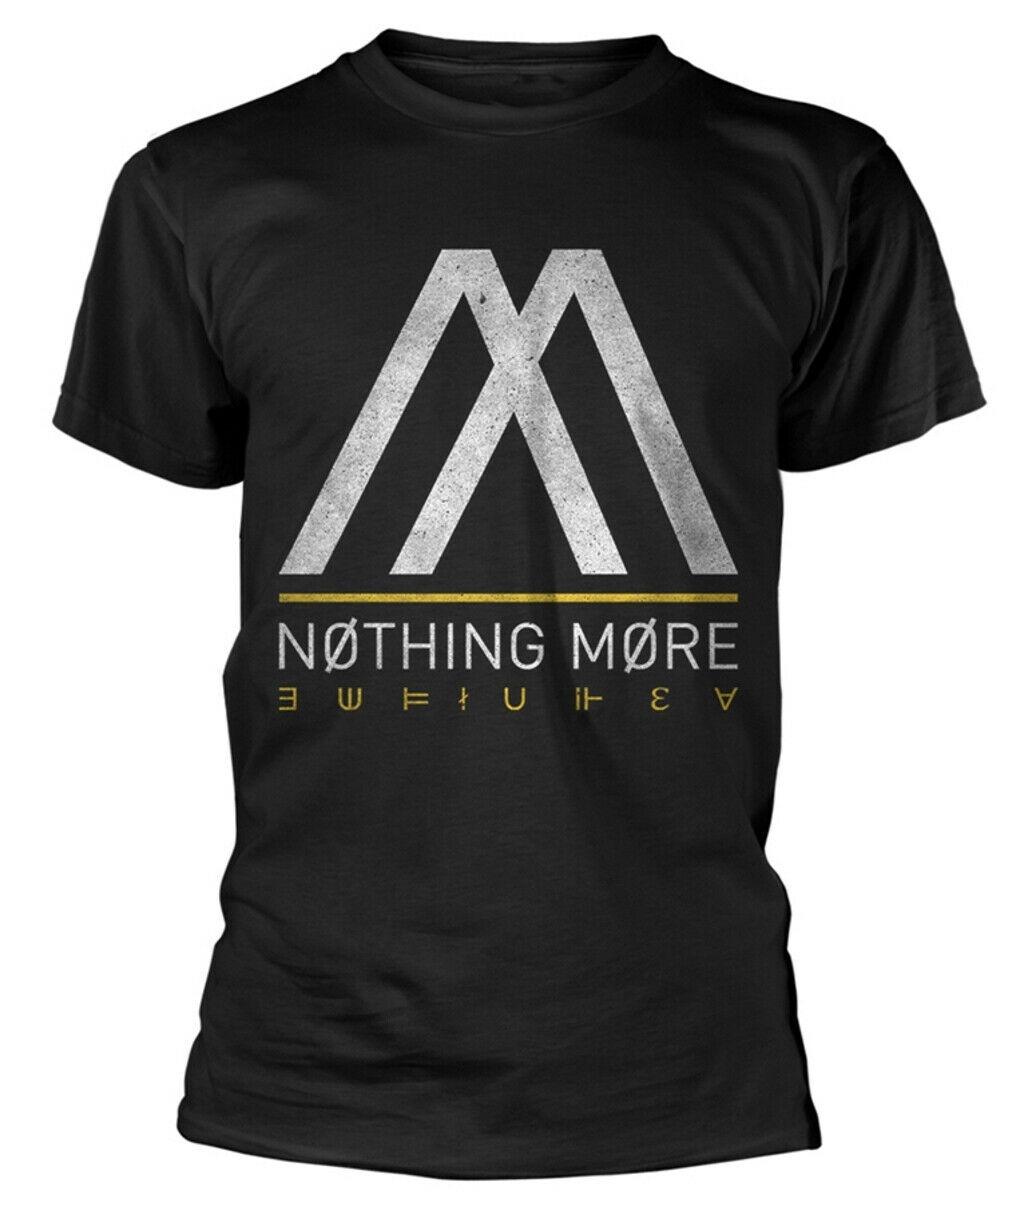 Nichts Mehr 'Album Logo' T-Shirt-Neu Und Offiziell